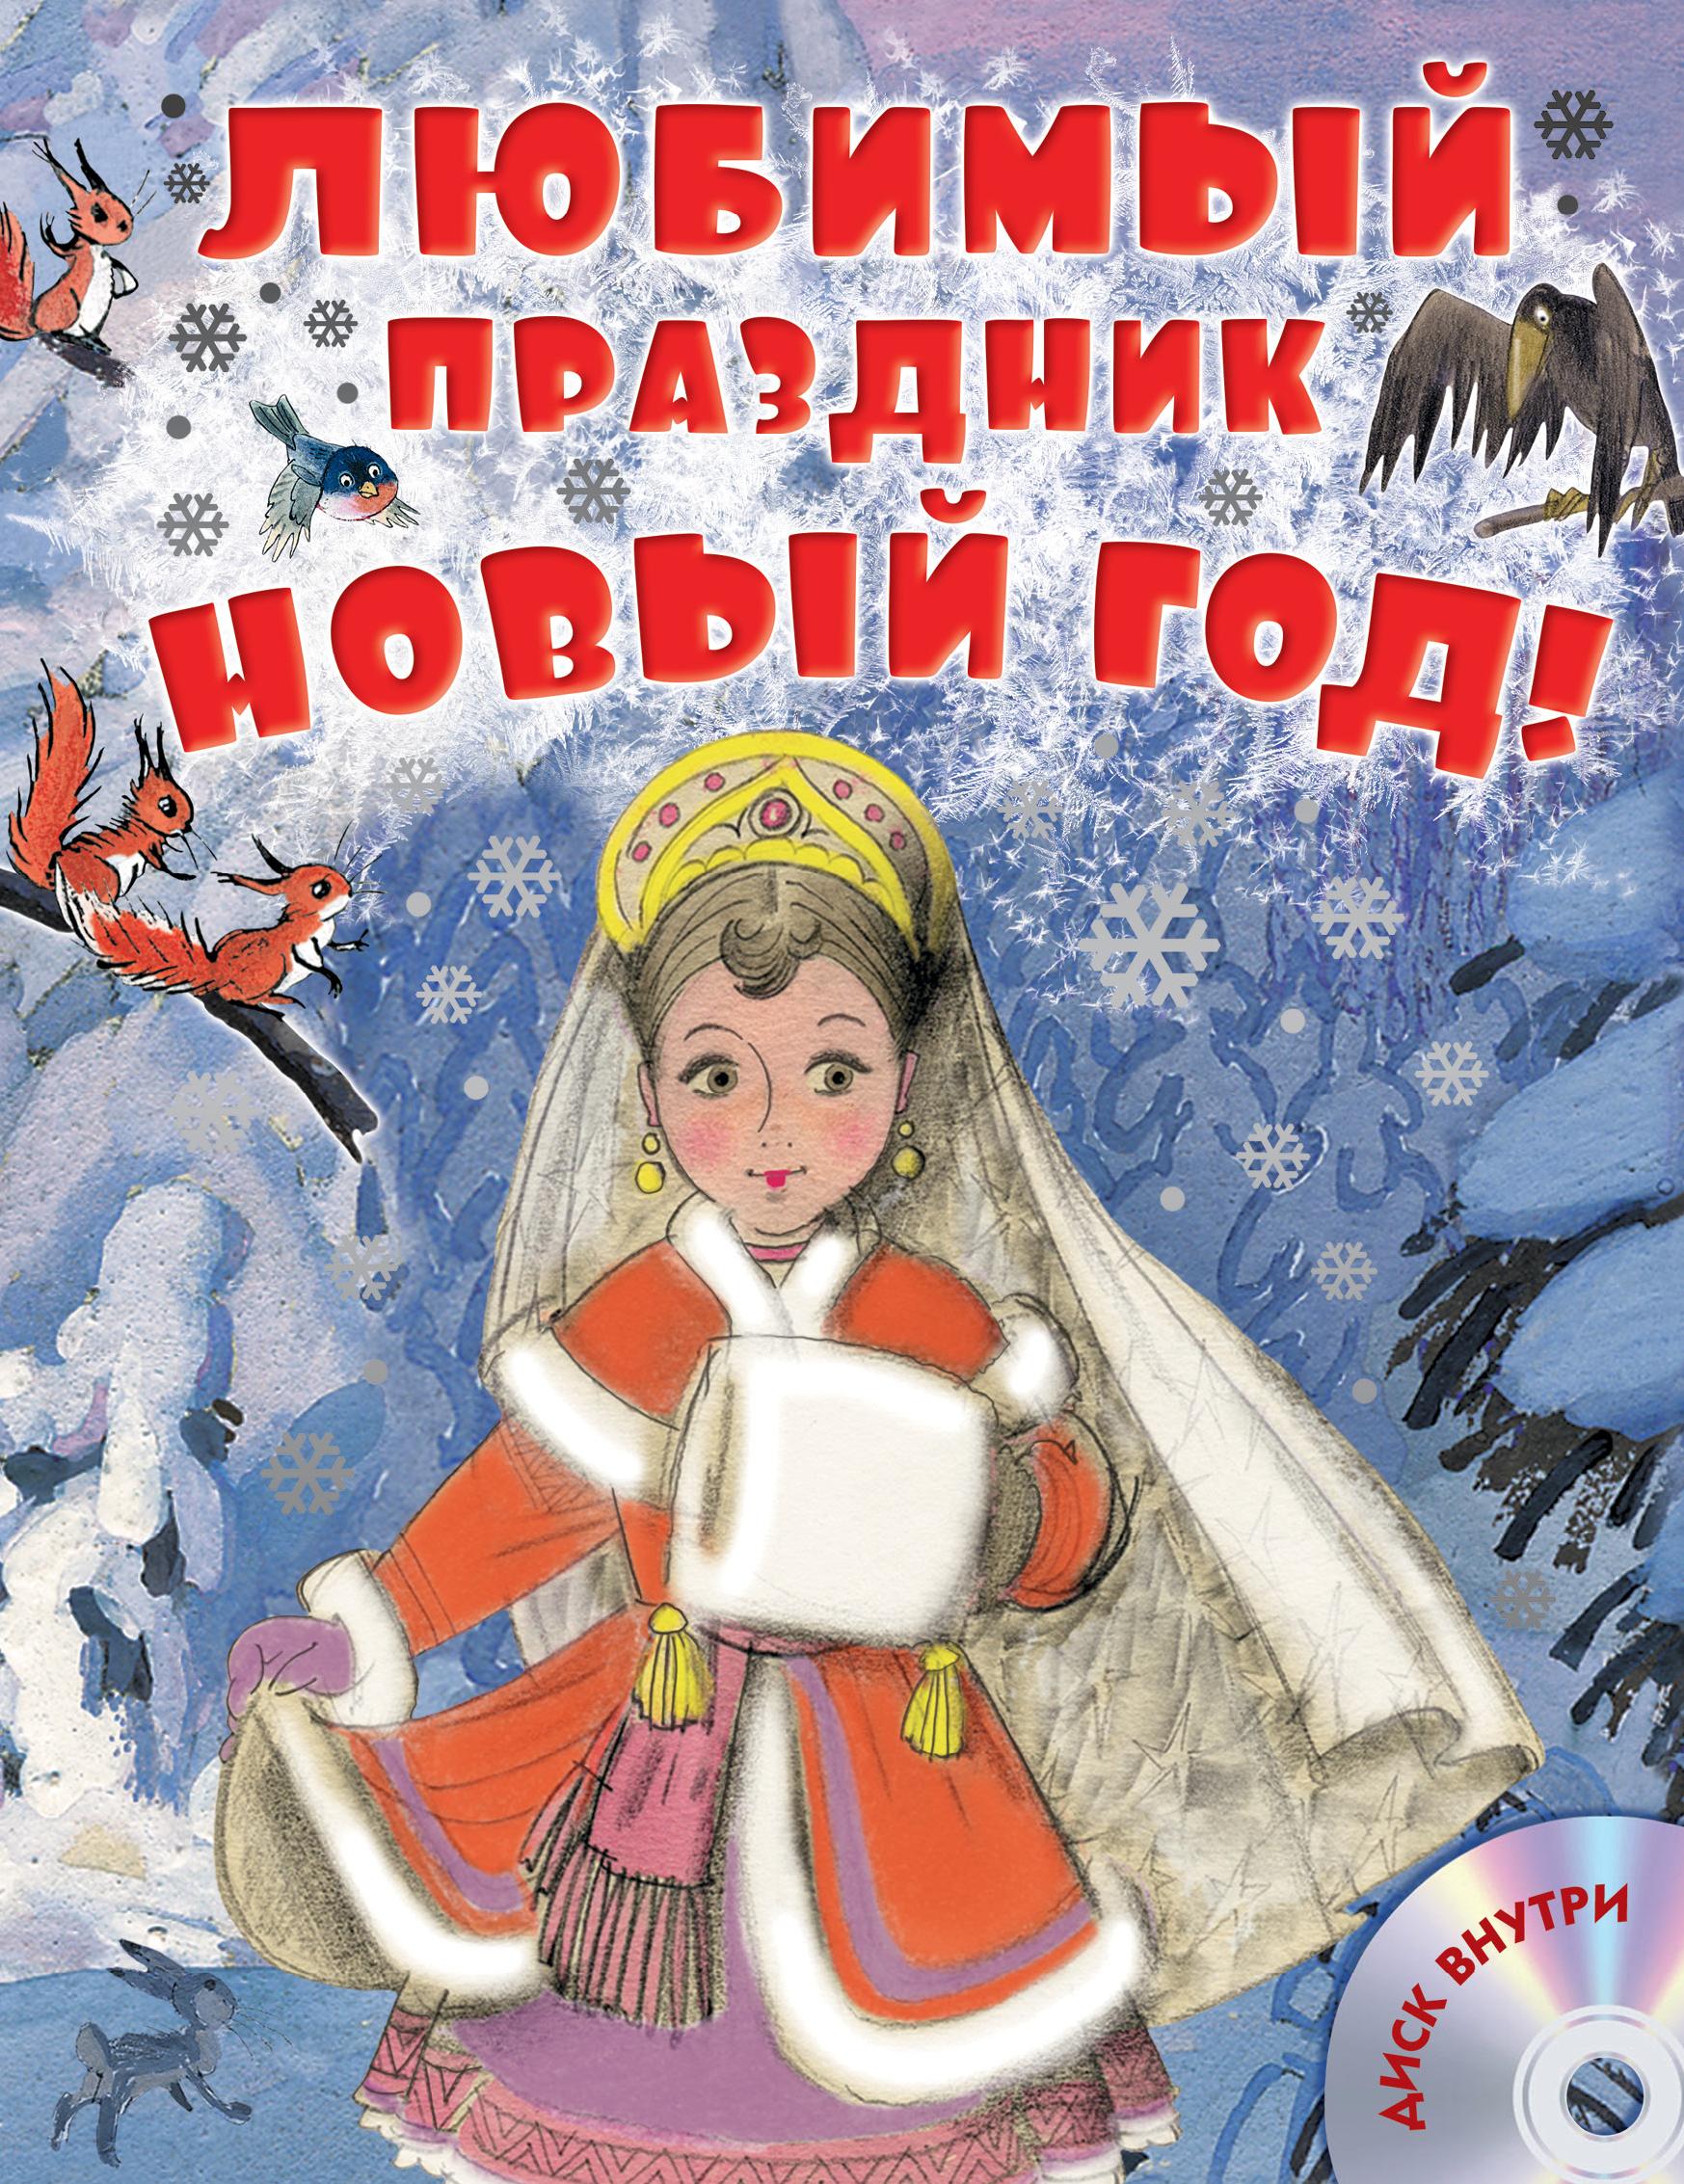 Маршак С., Сутеев В., Успенский Э. Любимый праздник Новый год! + CD росмэн любимый праздник новый год 27850